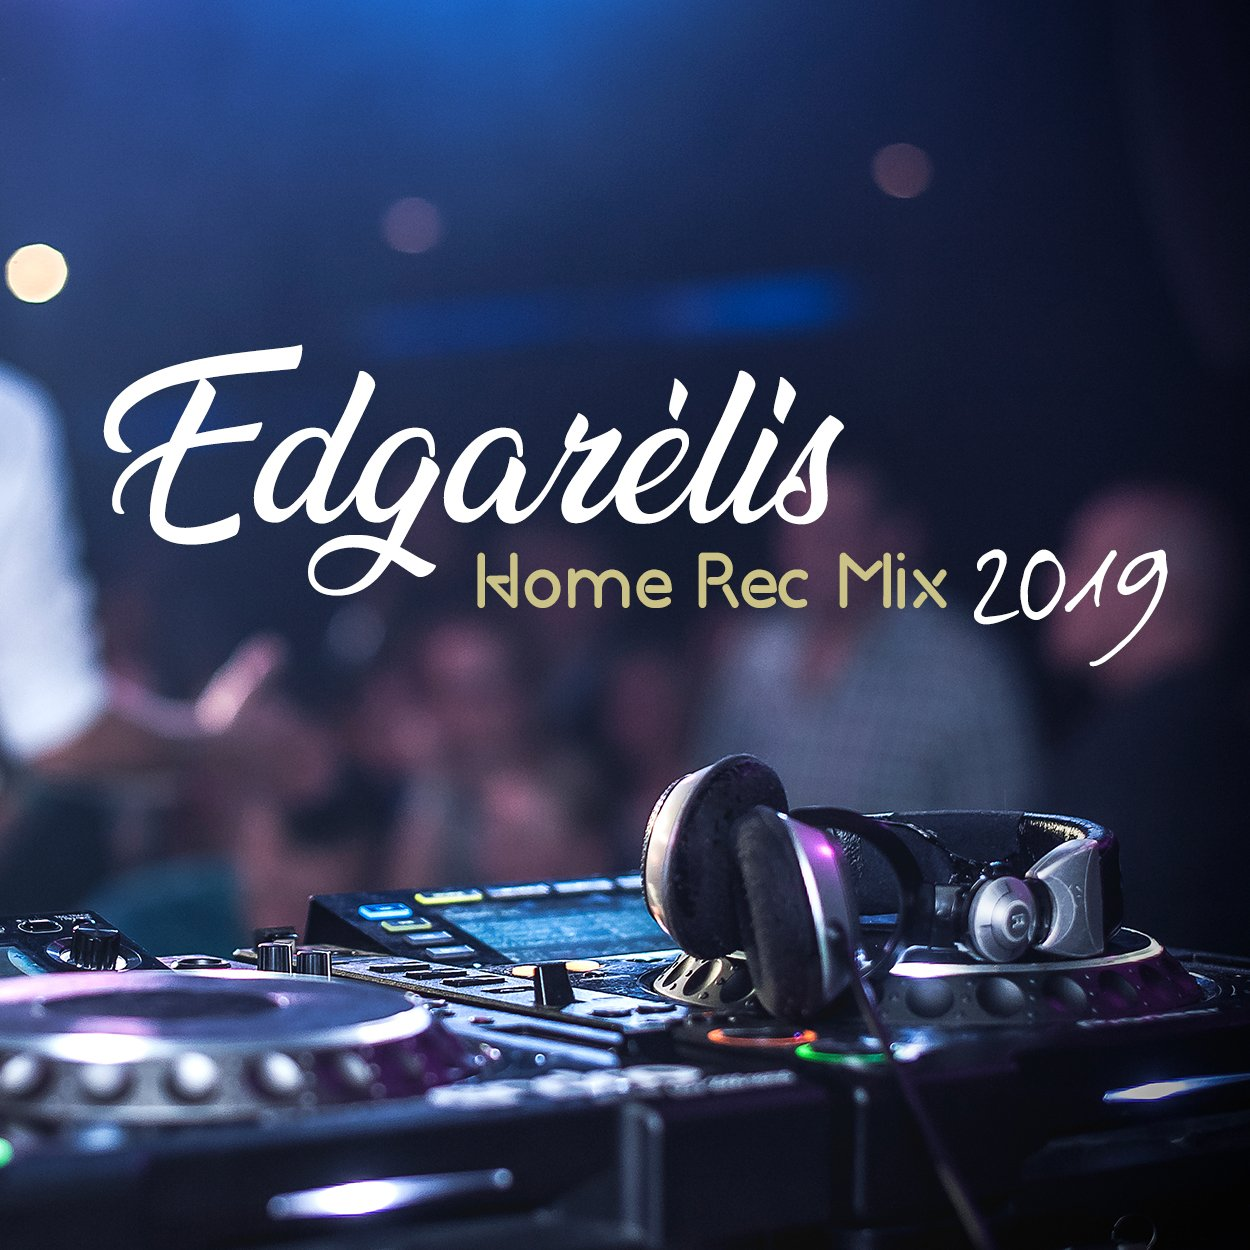 Edgarelis